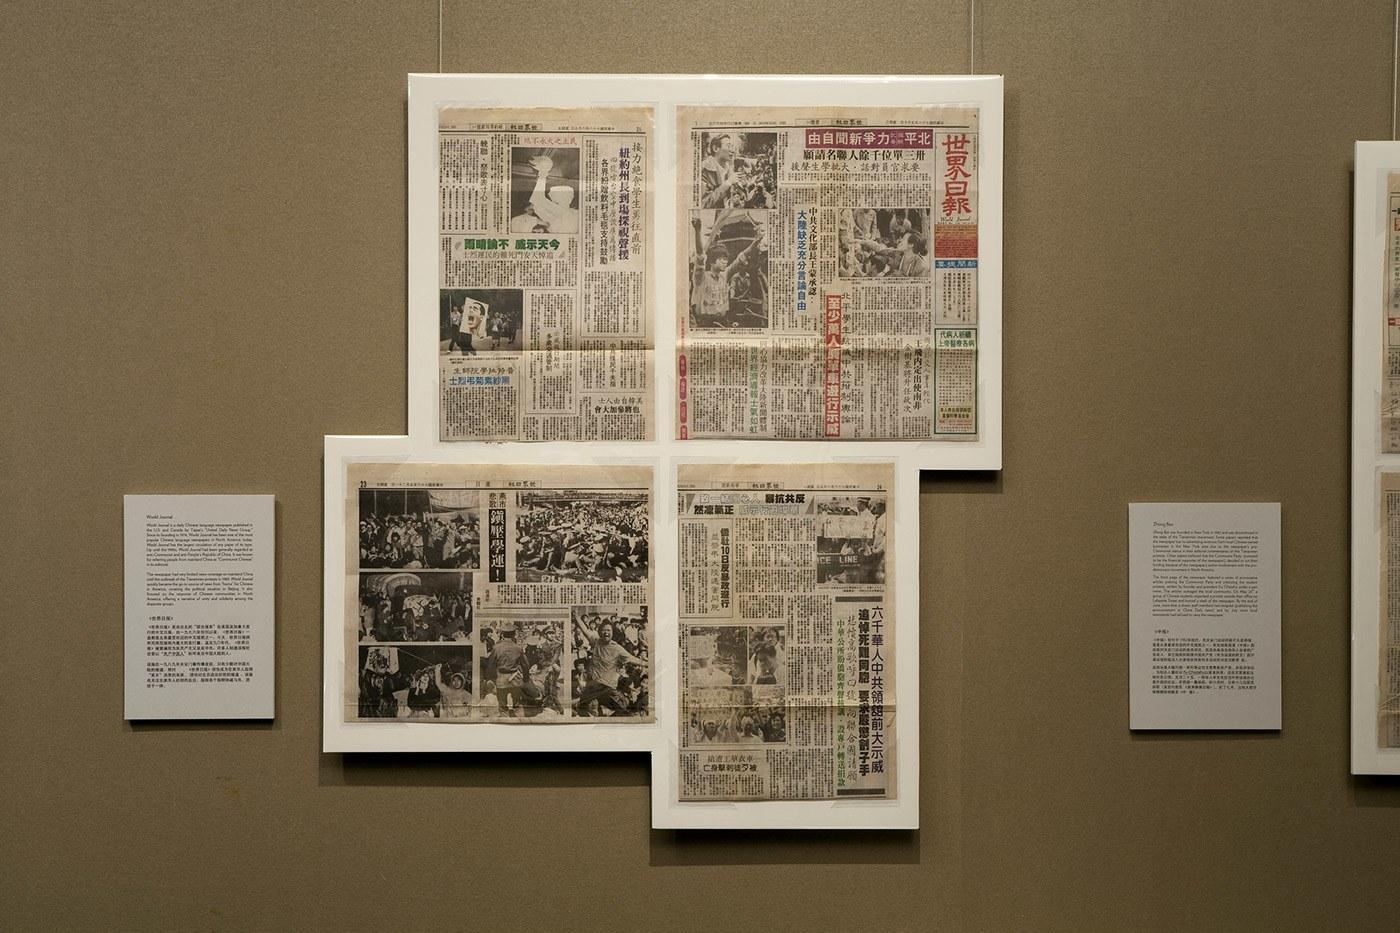 Tiananmen_Gallery Install 2